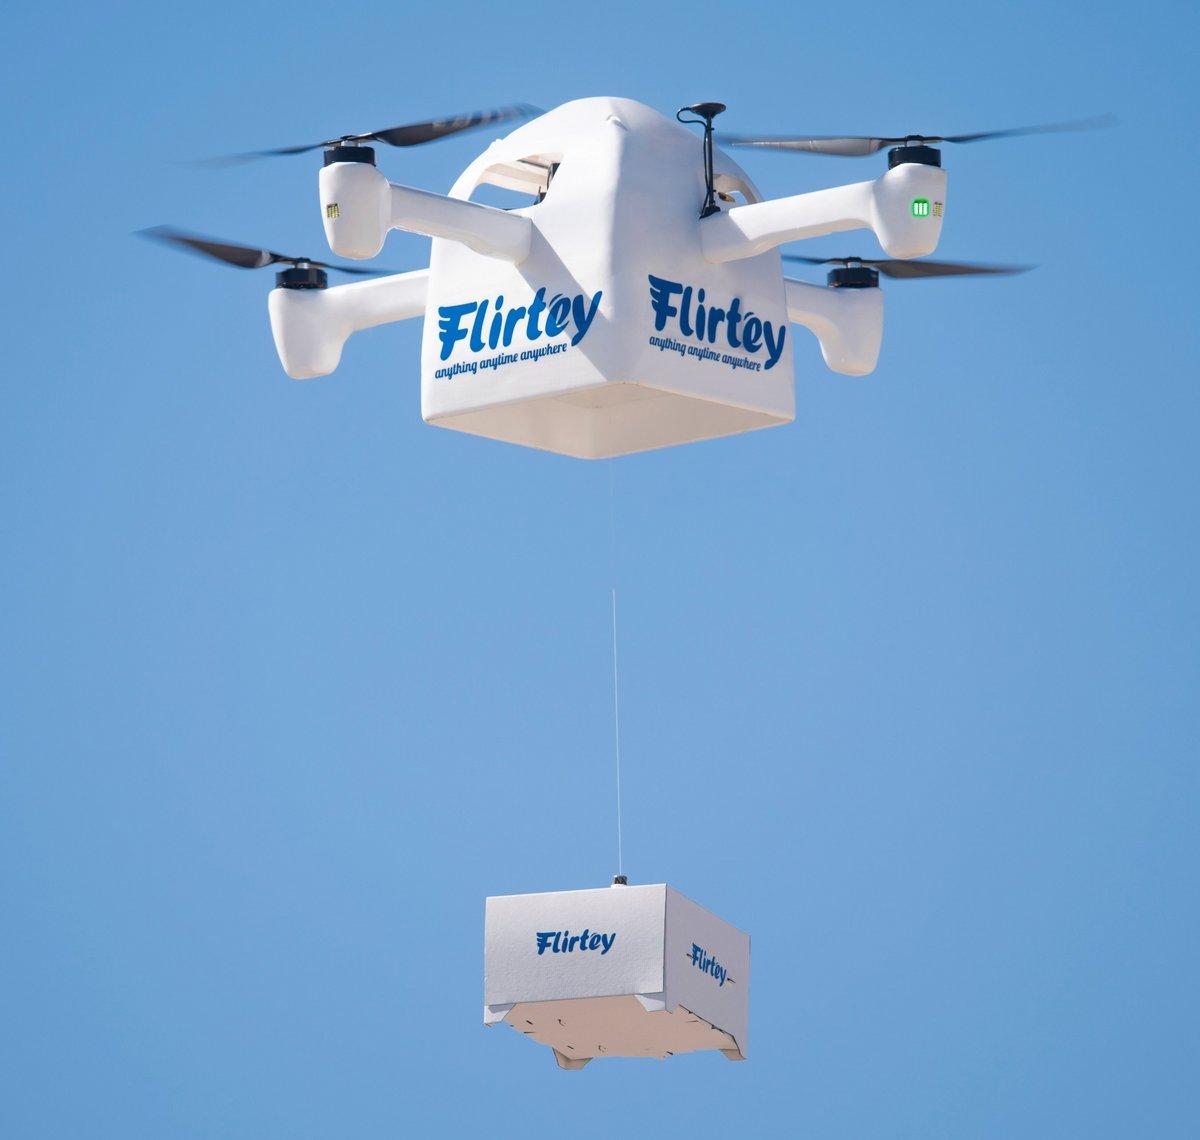 Flirtey Eagle drone livraison